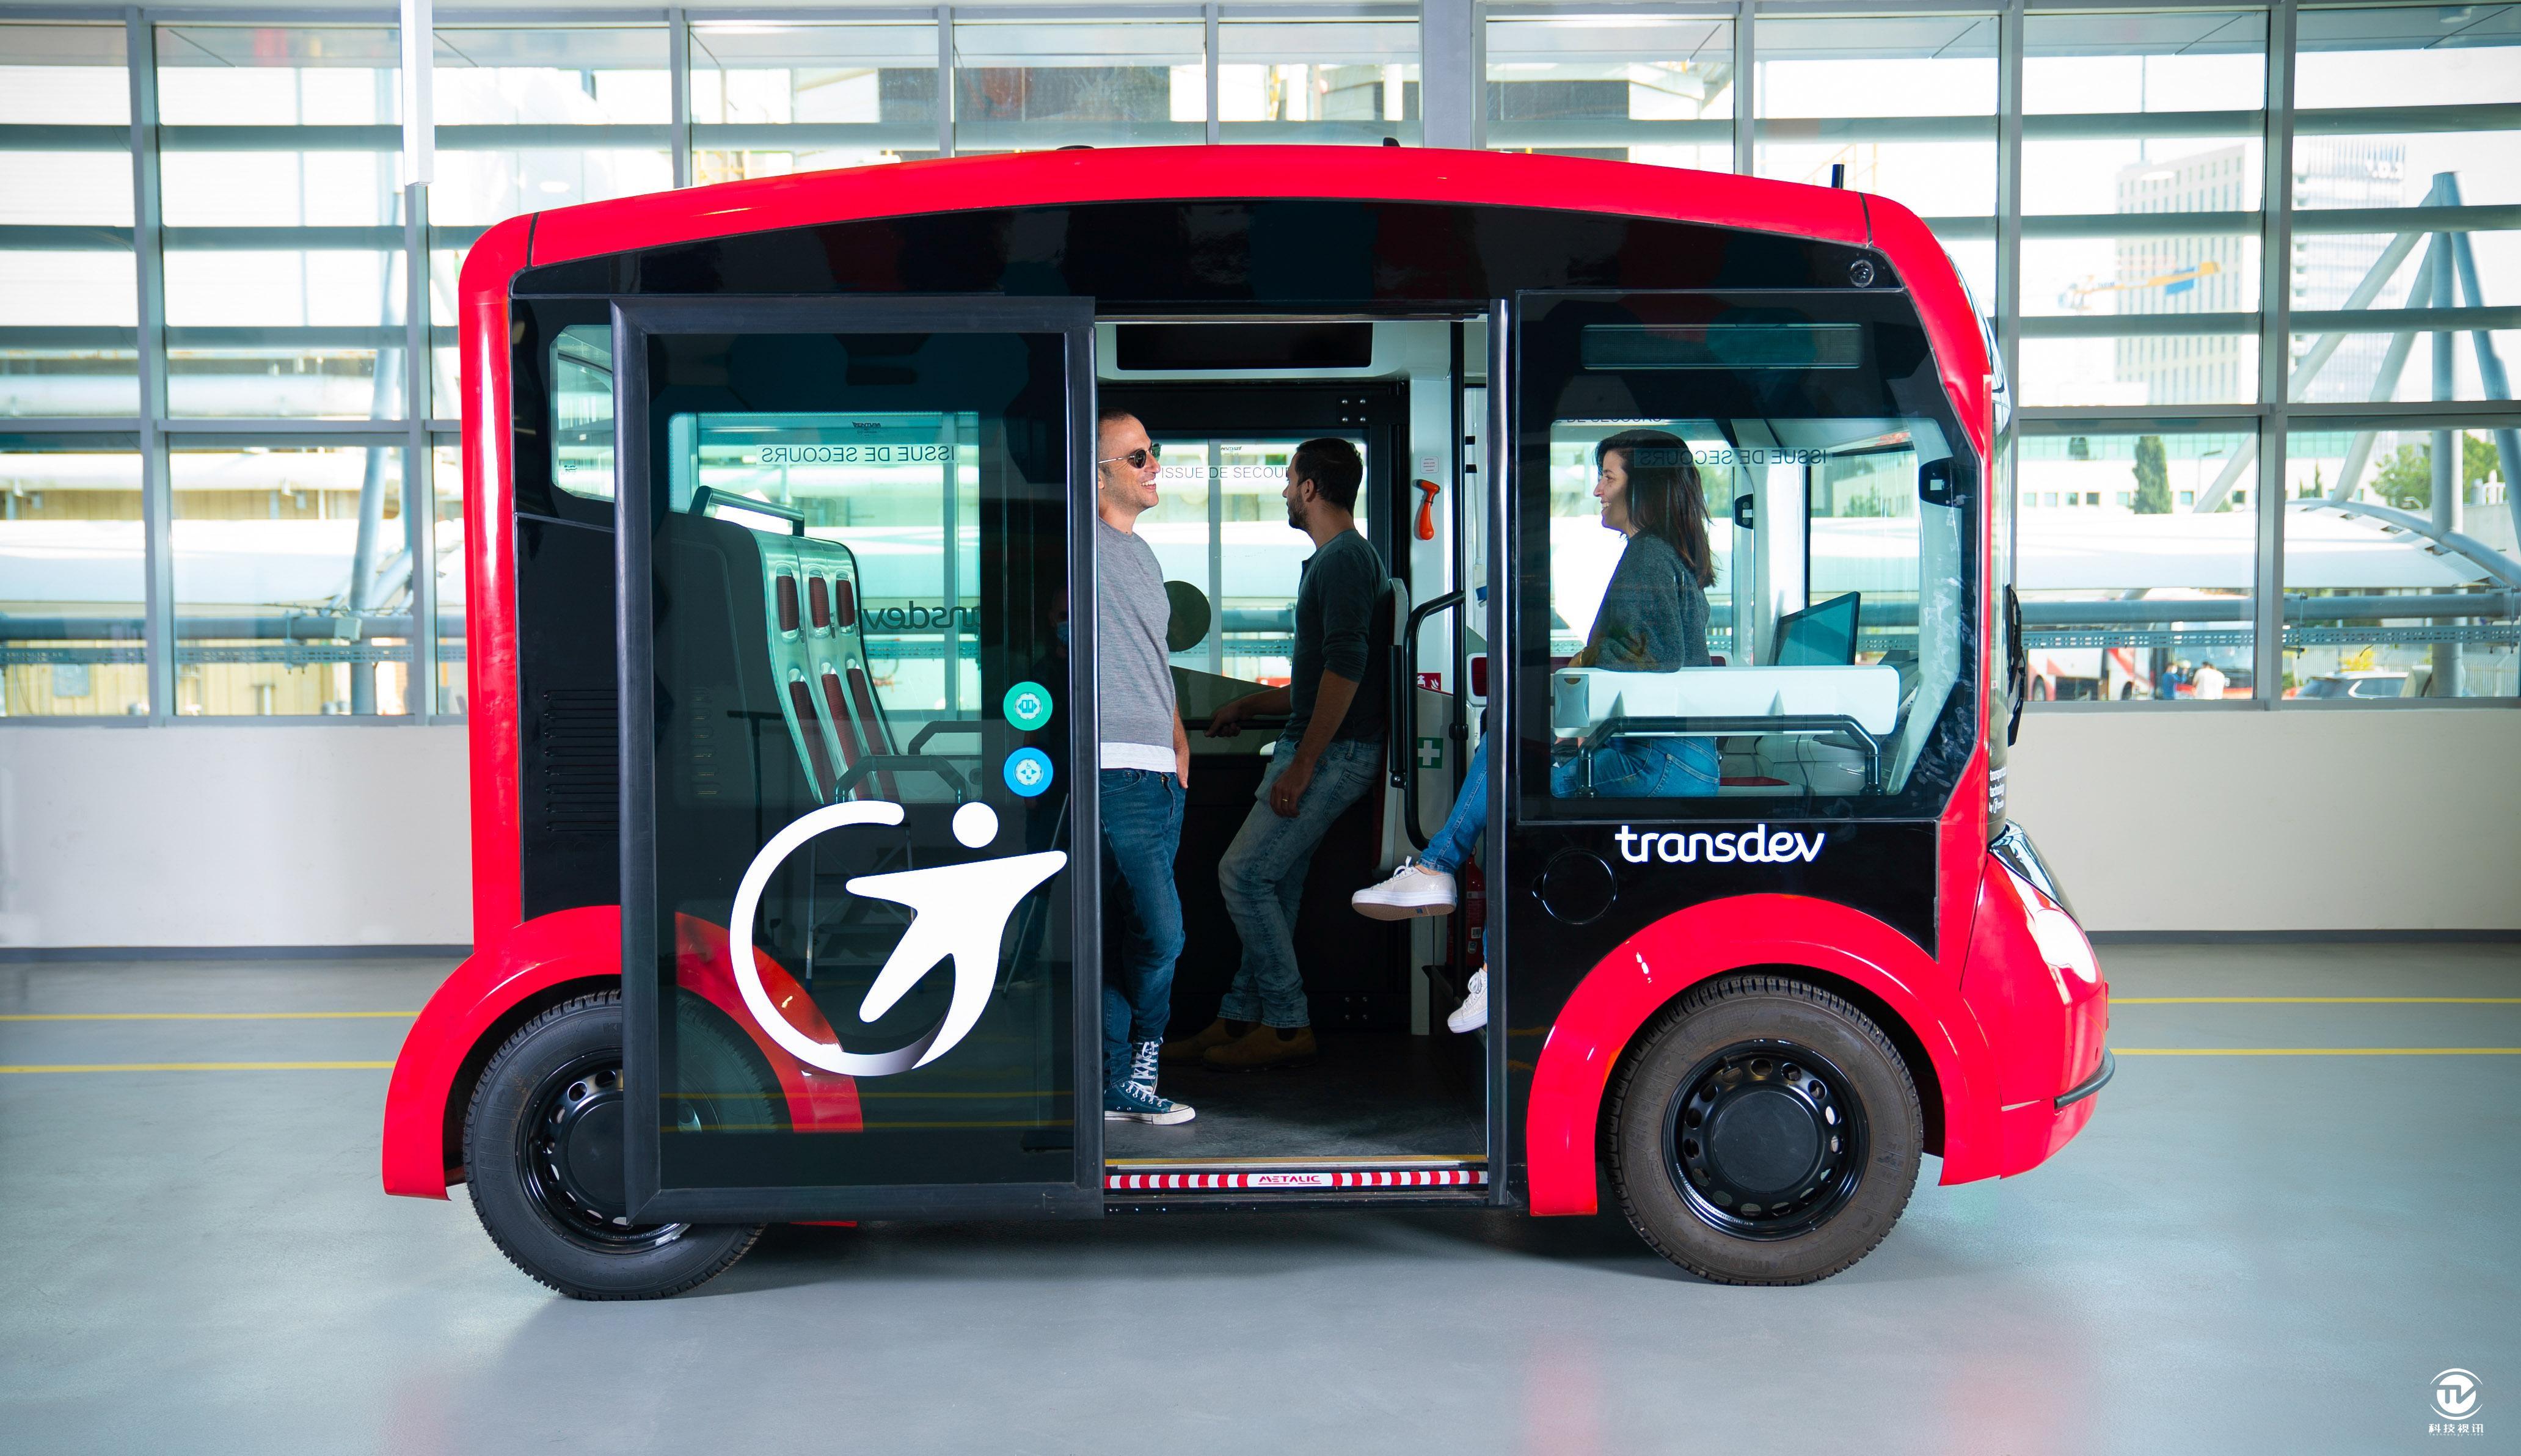 英特尔子公司Mobileye、Transdev ATS和Lohr 集团将联合开发自动驾驶公交车.jpg